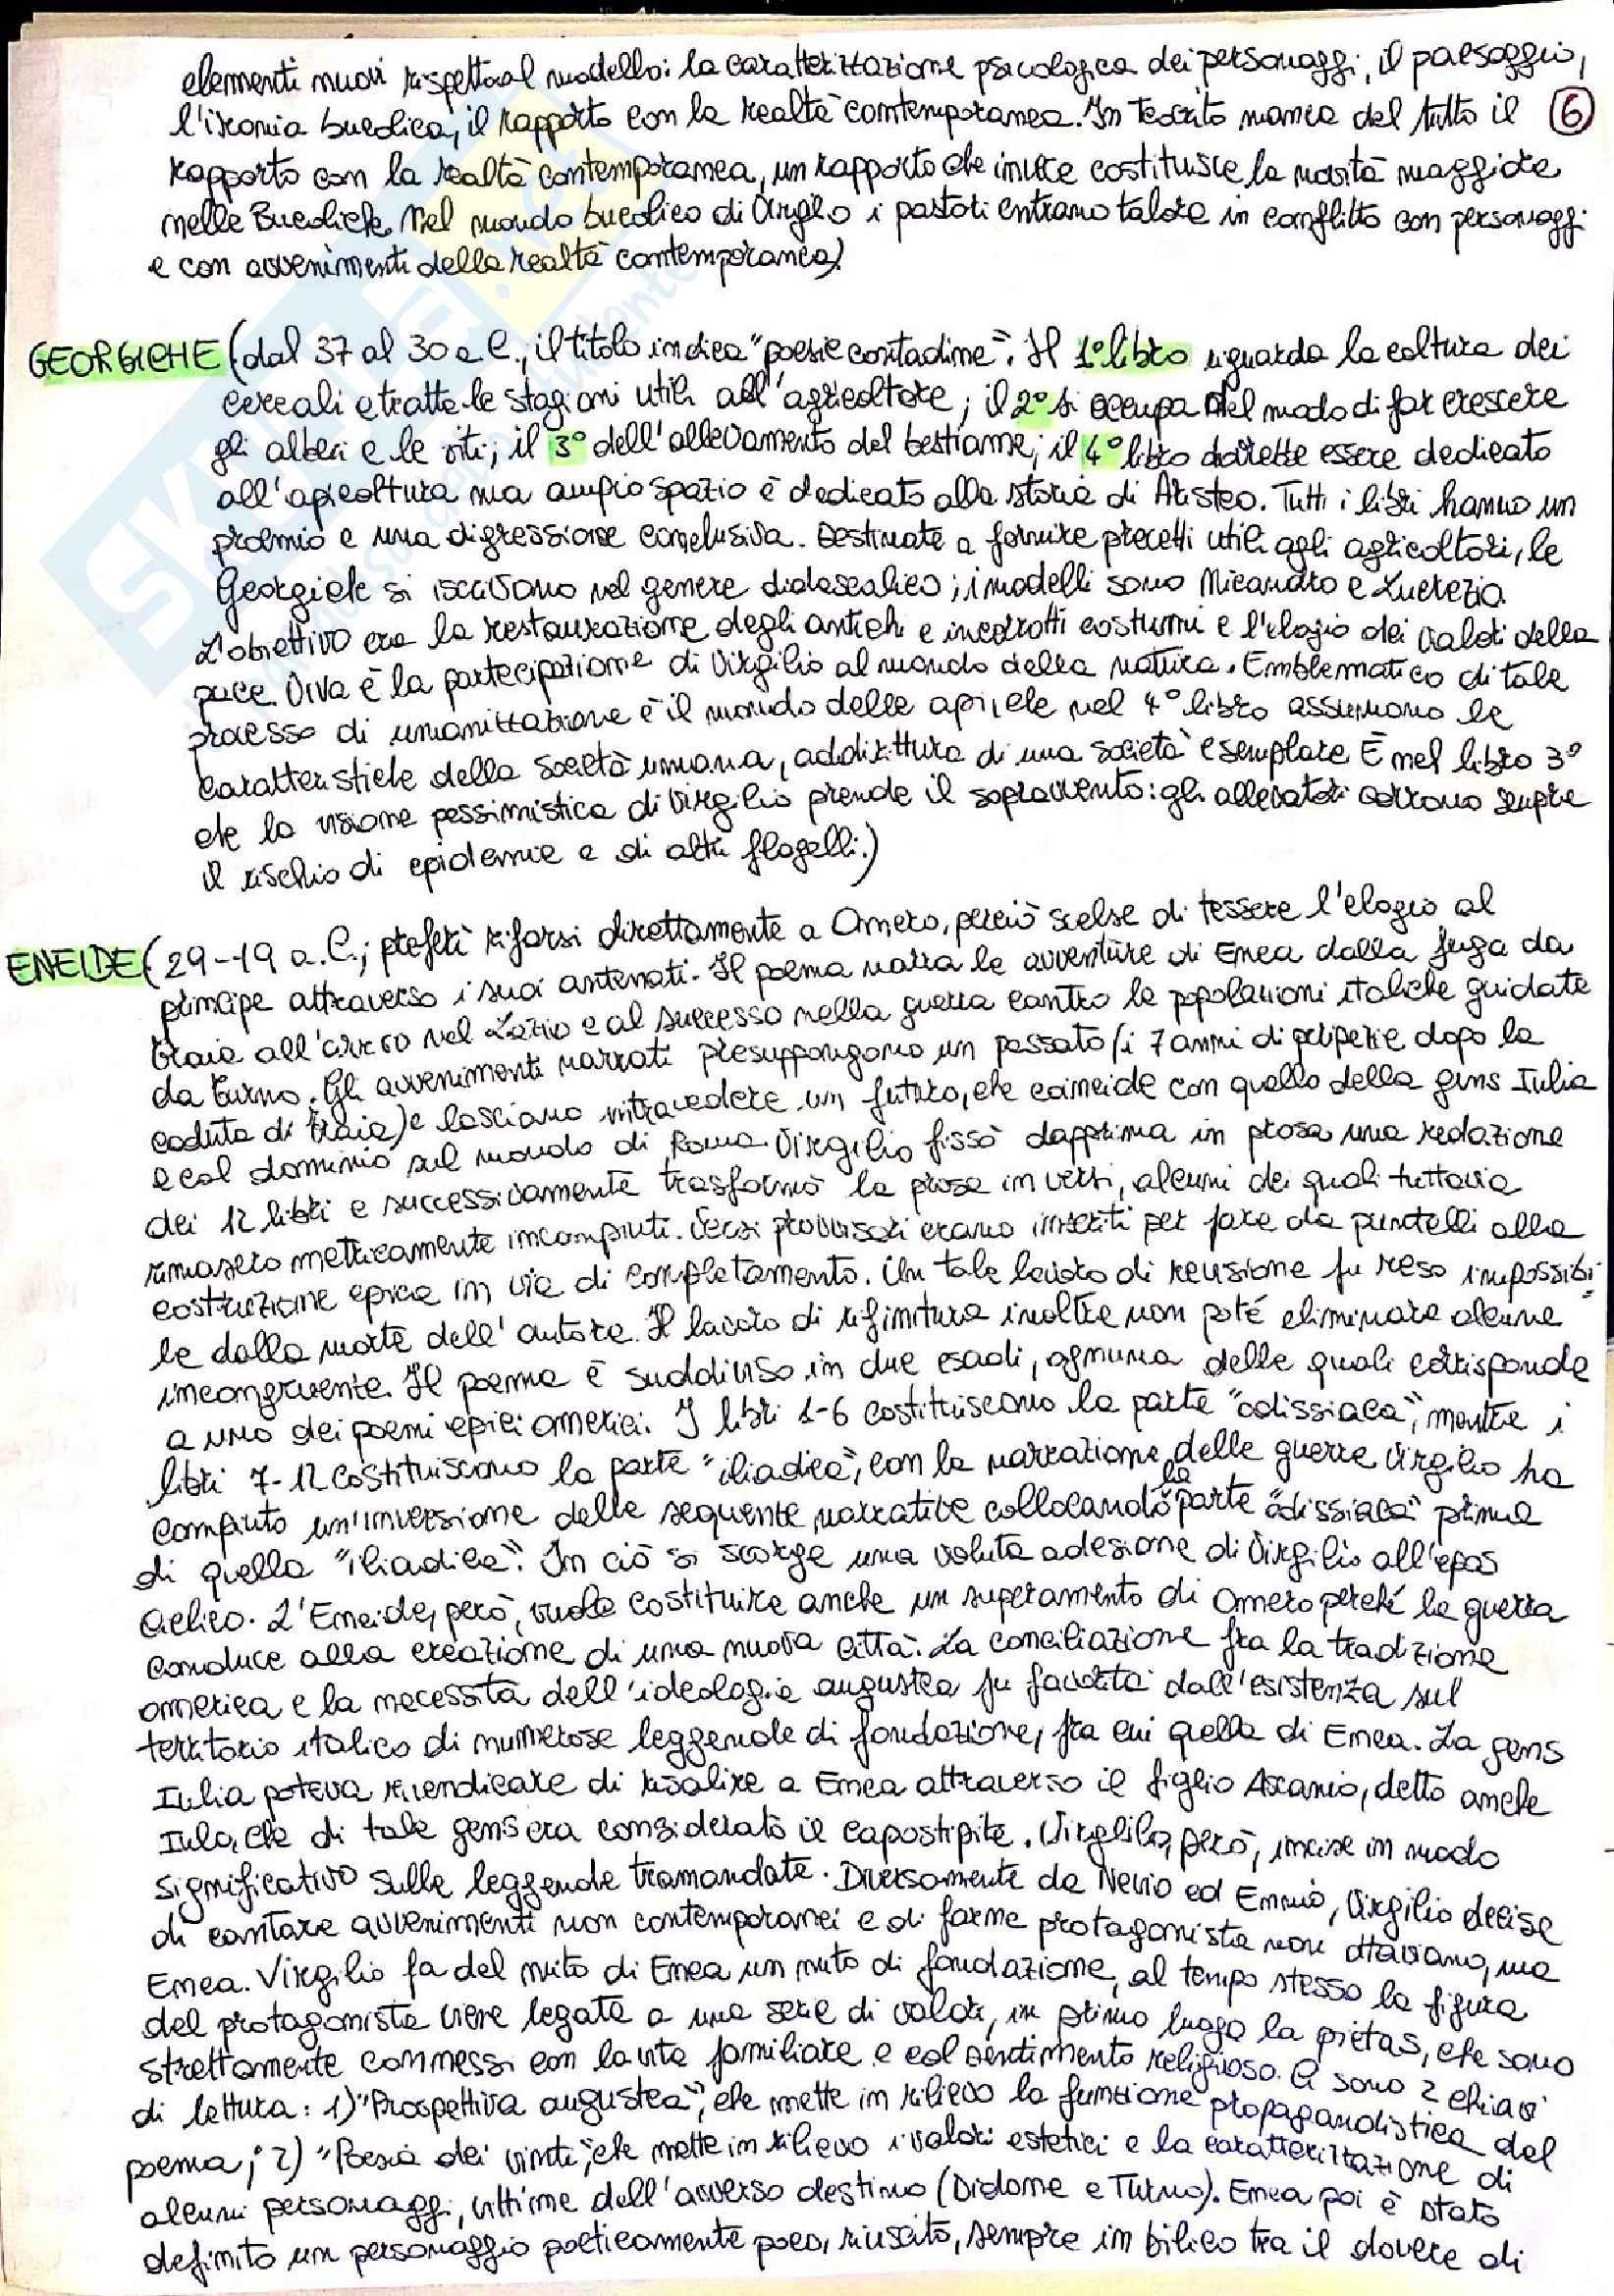 Riassunto esame Lingua e letteratura latina I, prof. Berno, libro consigliato Storia letteraria di Roma, P. Fedeli Pag. 6